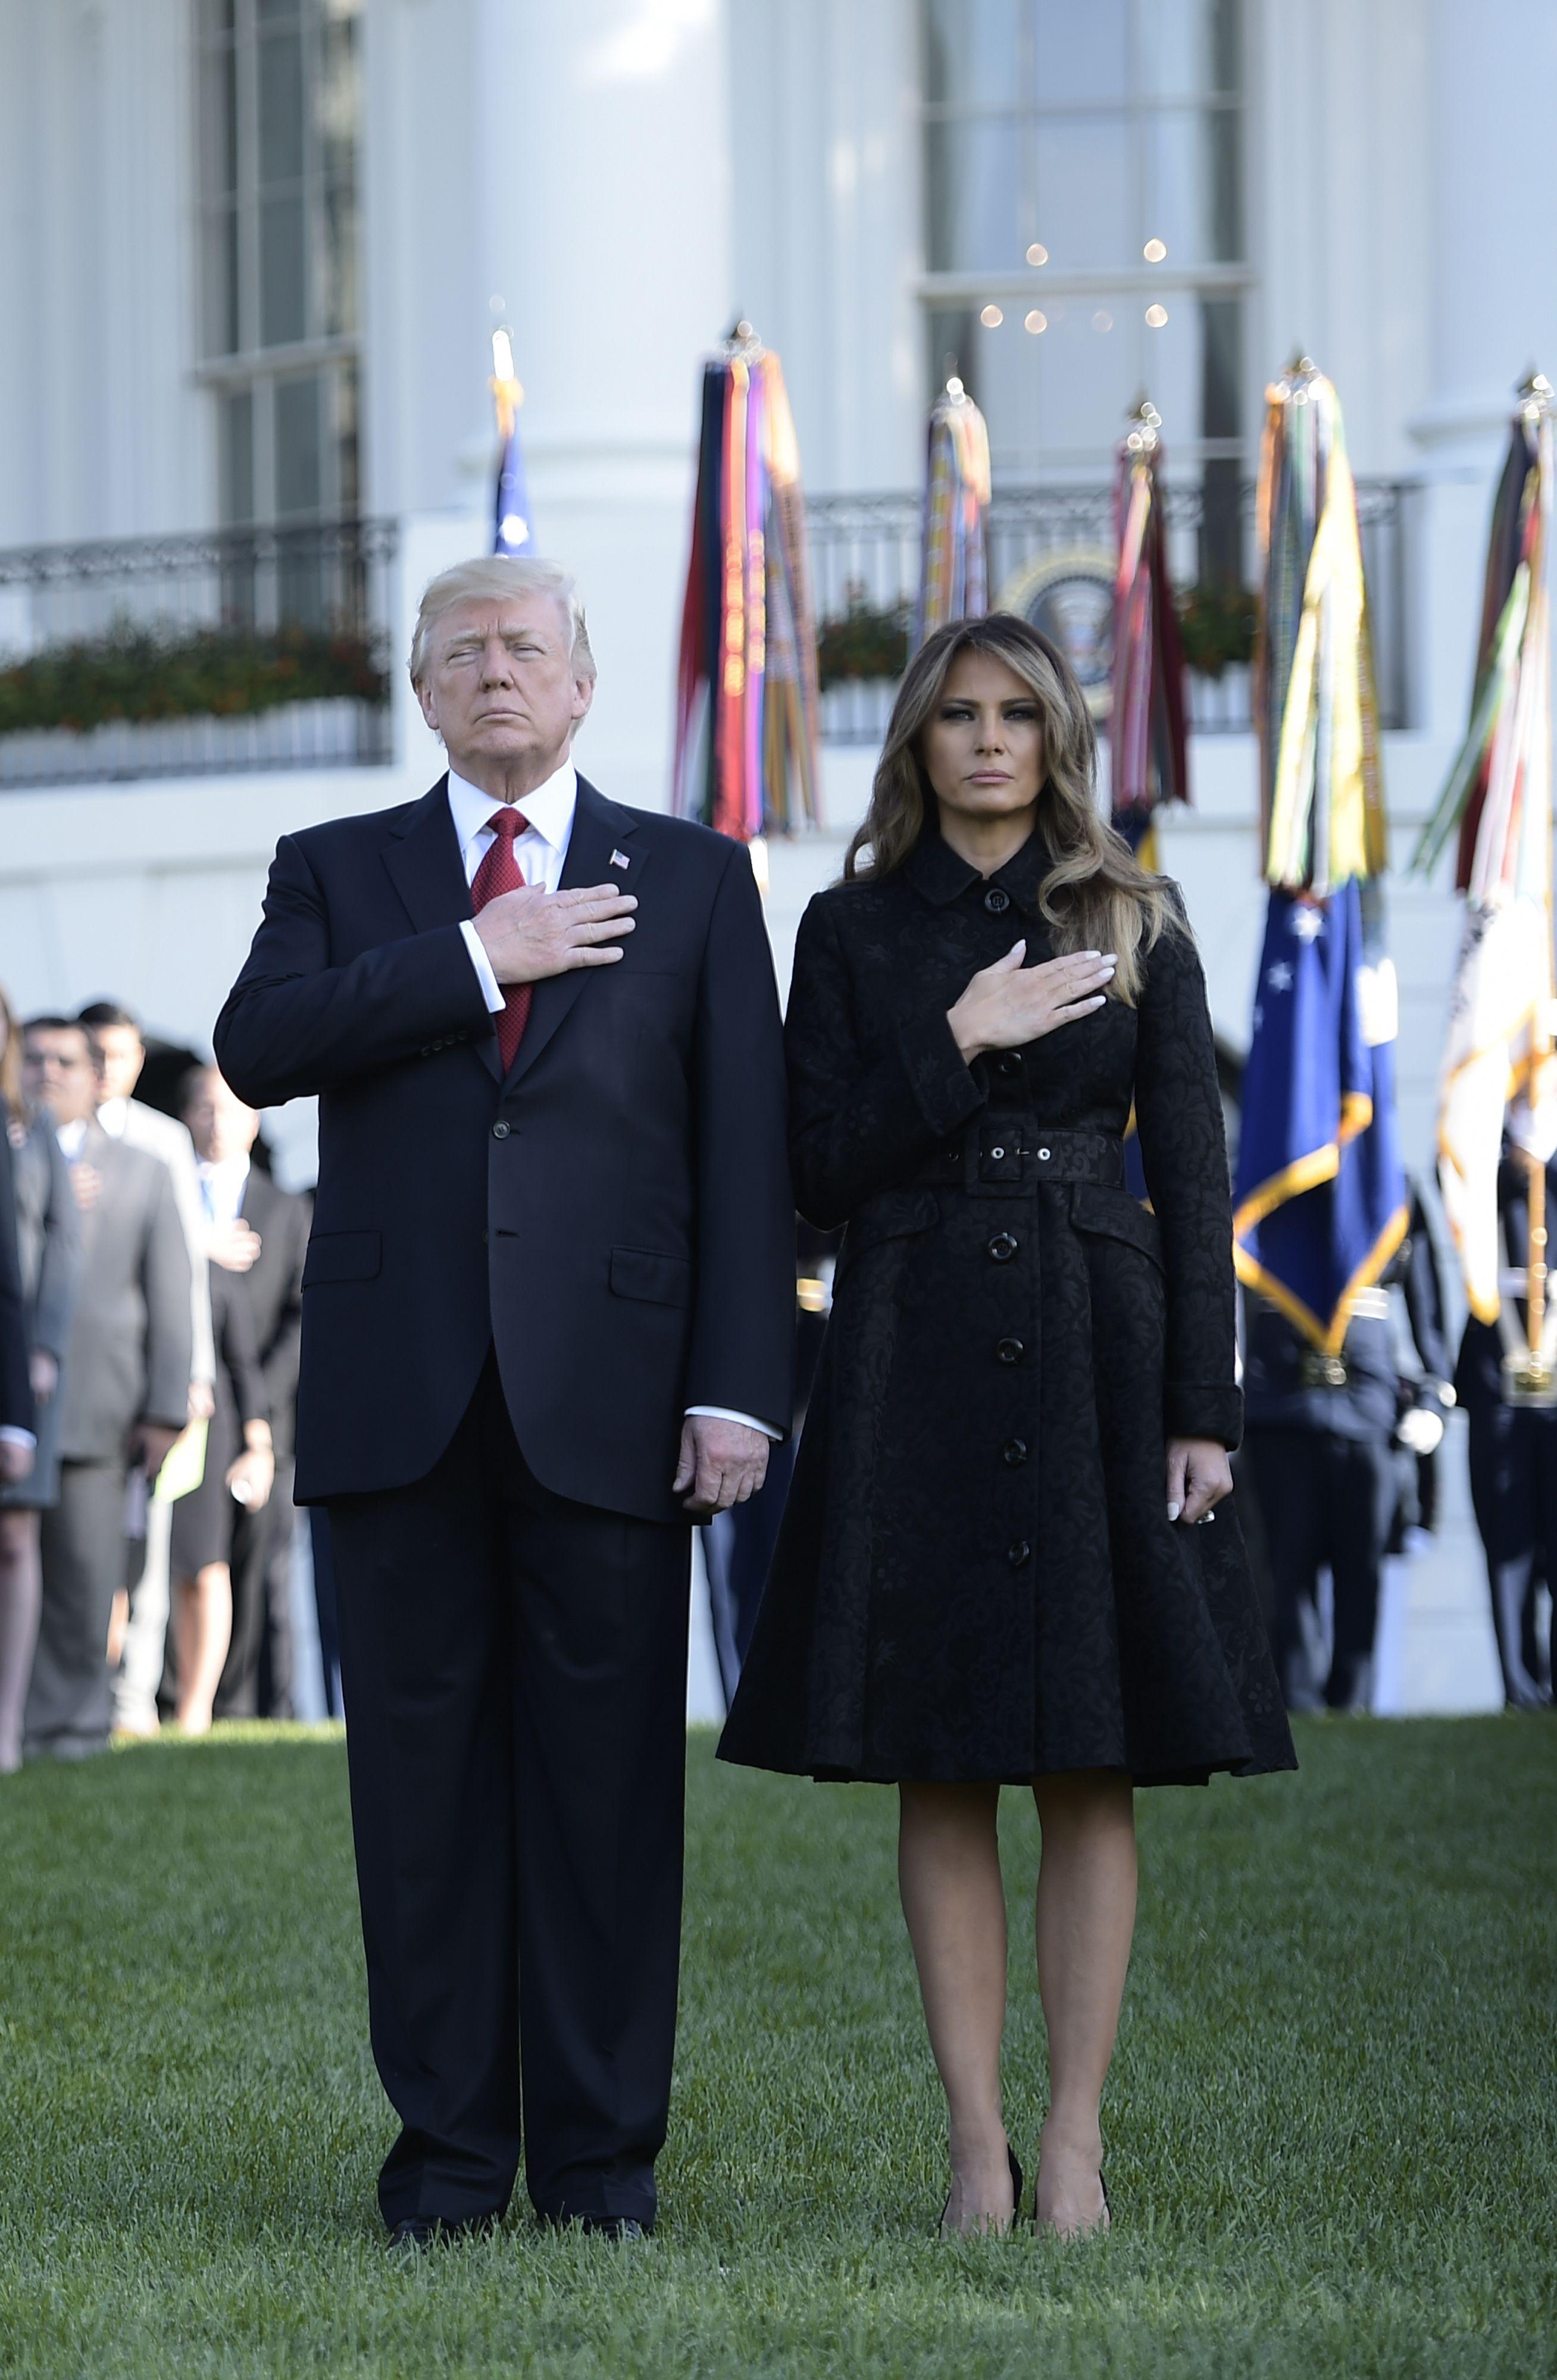 Melani trump, 911, memorial, ceremonia, vestido, look,